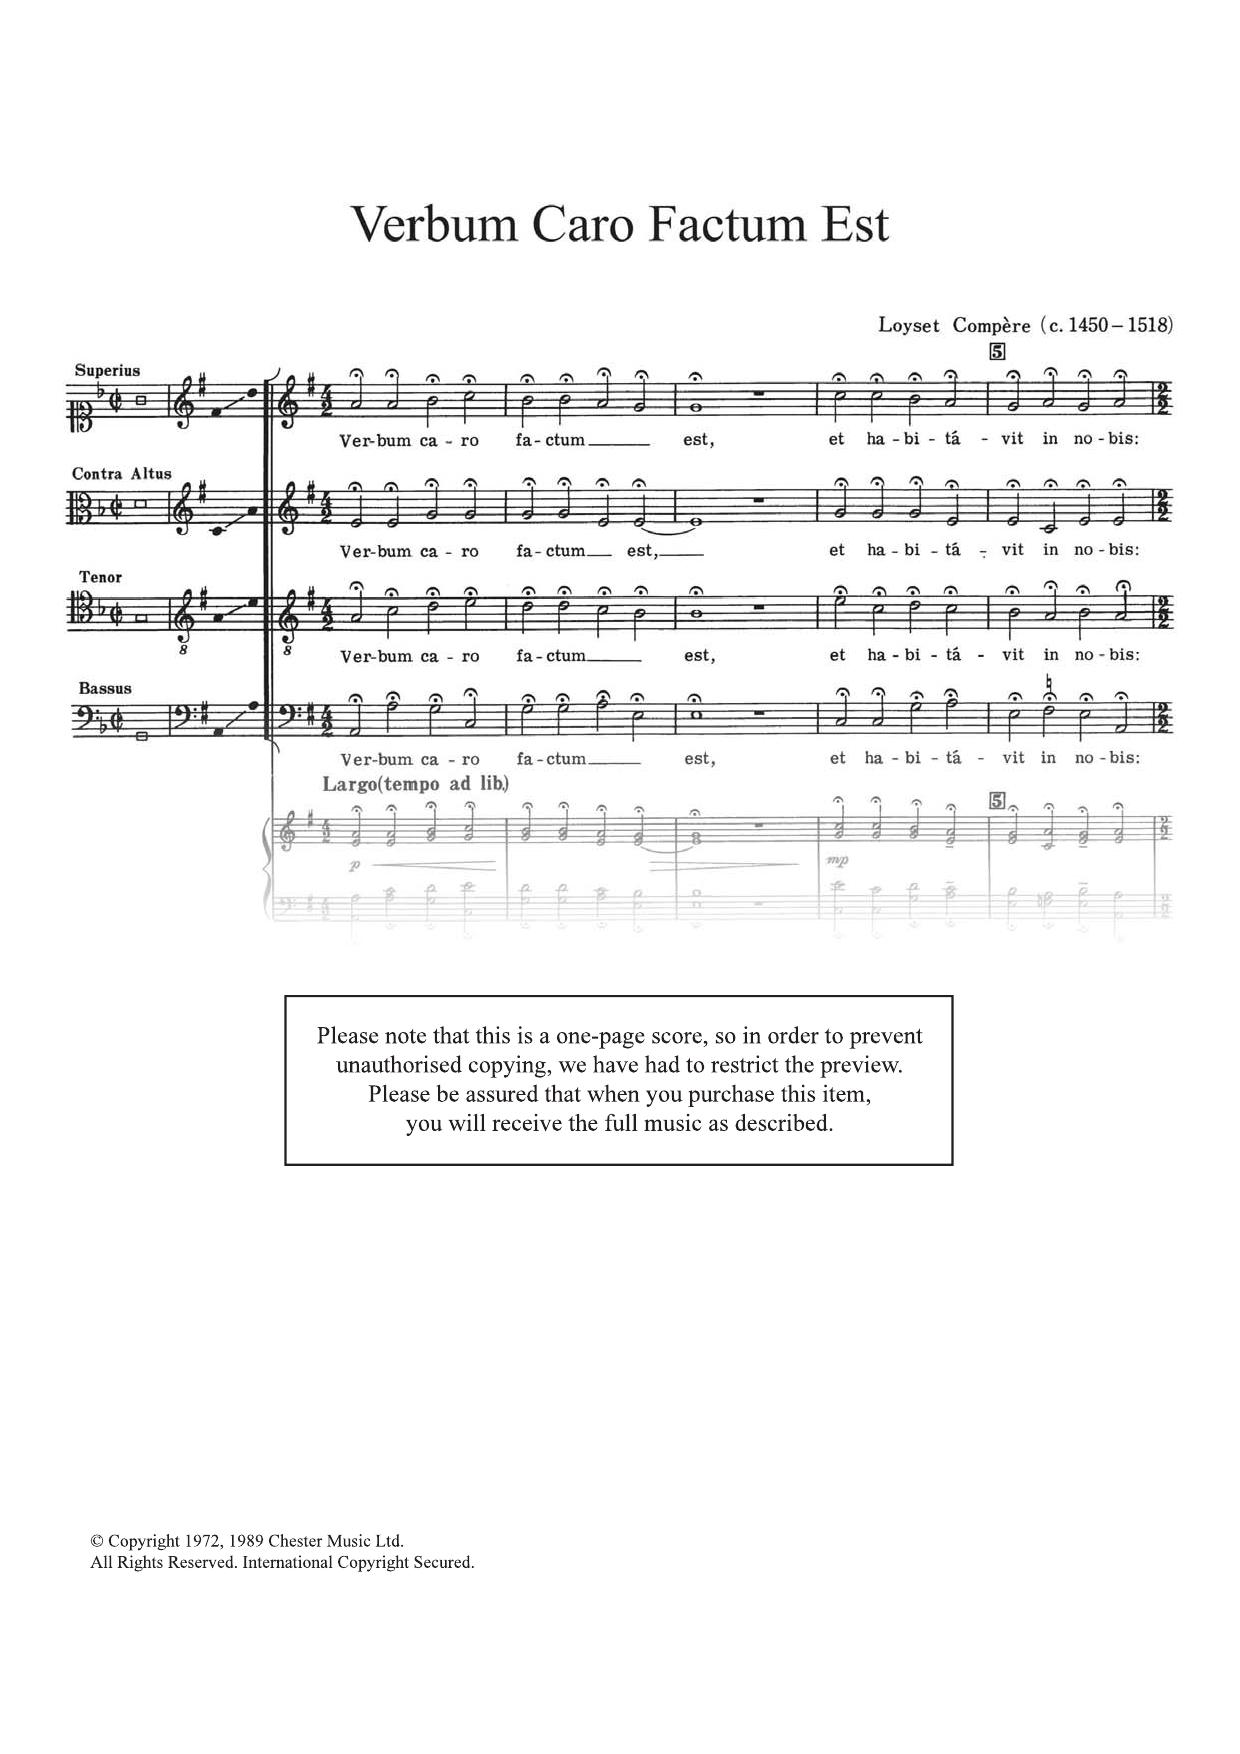 Verbum Caro Factum Est Sheet Music